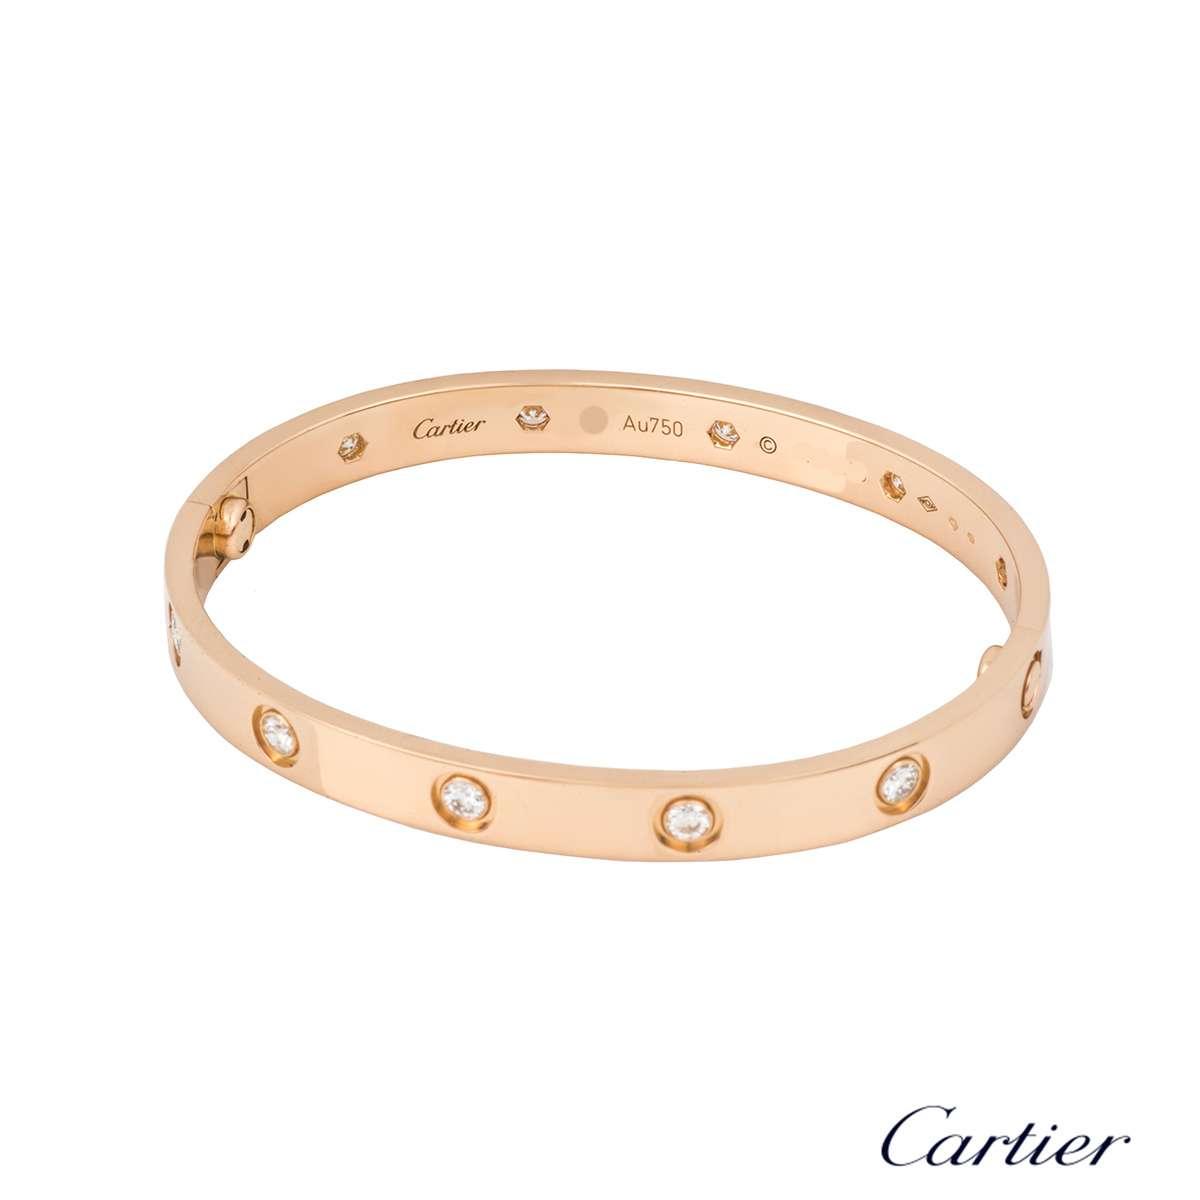 Cartier Rose Gold Full Diamond Love Bracelet Size 16 B6040616